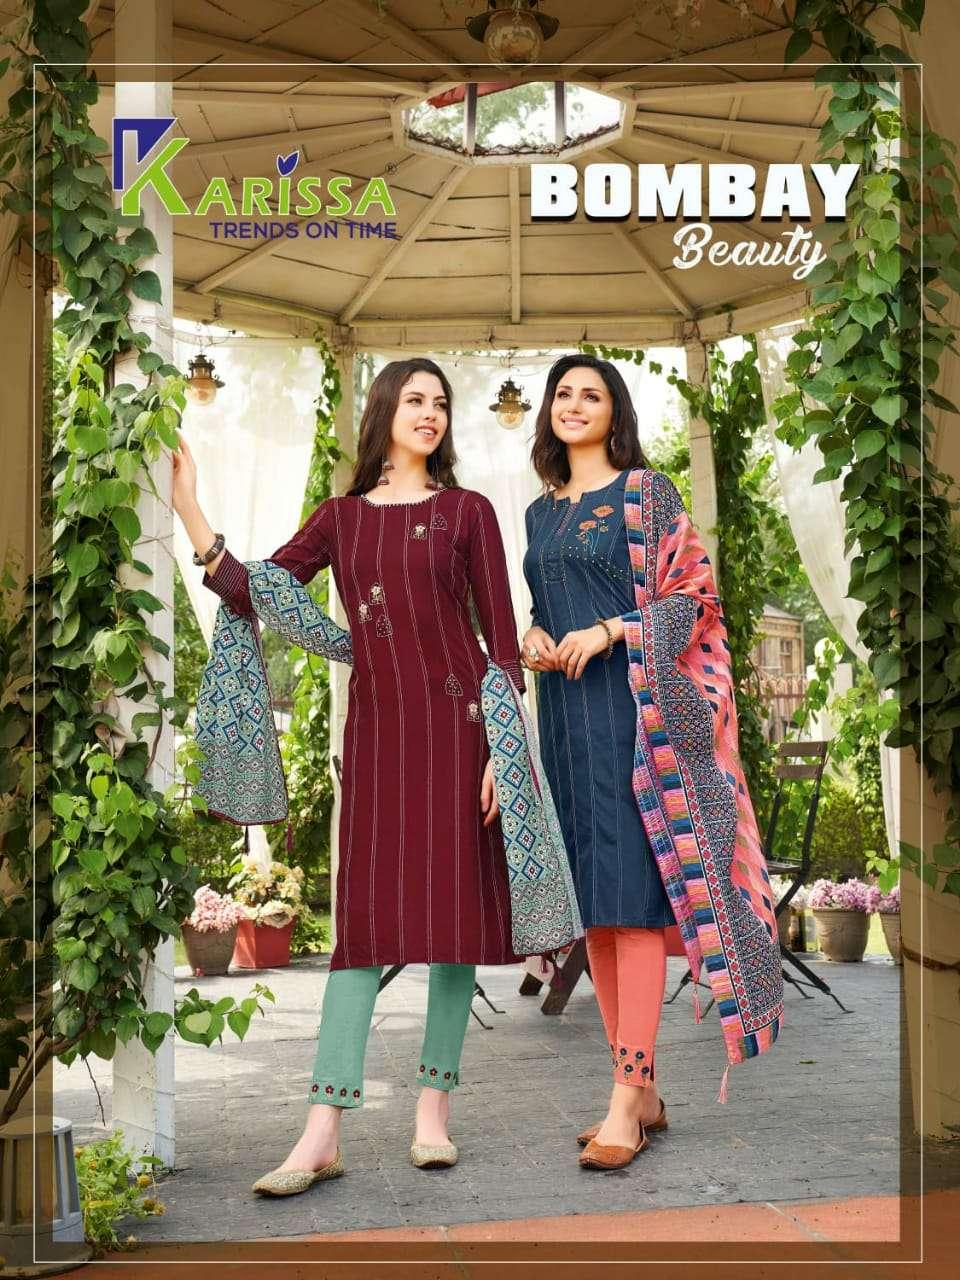 Bombay Beauty By Karissa